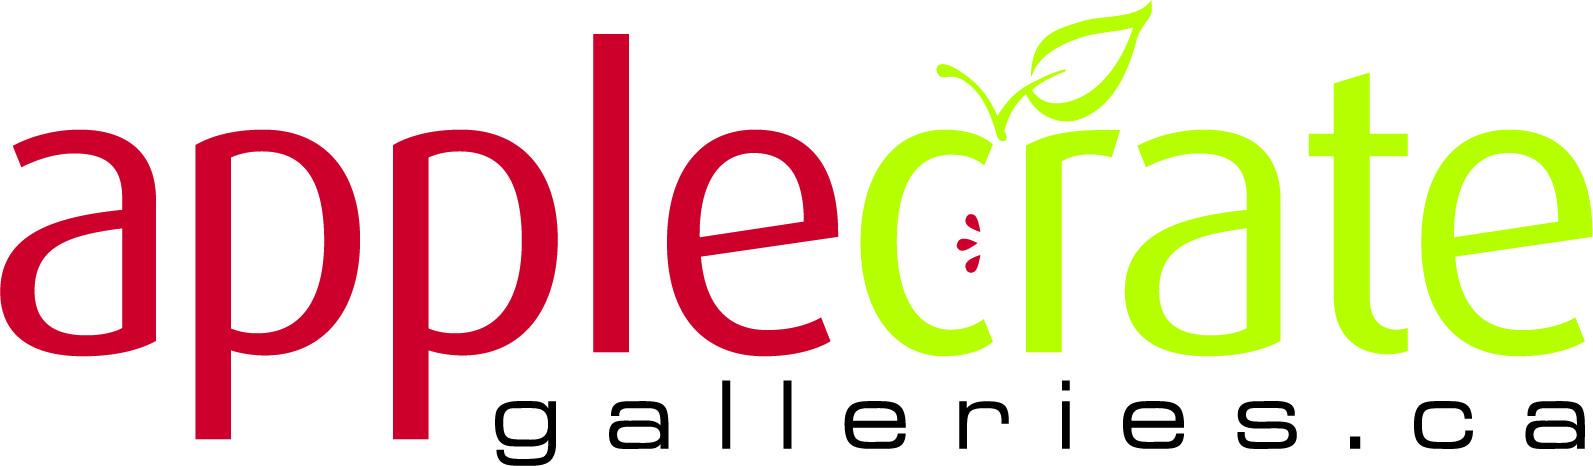 Applecrate Galleries logo